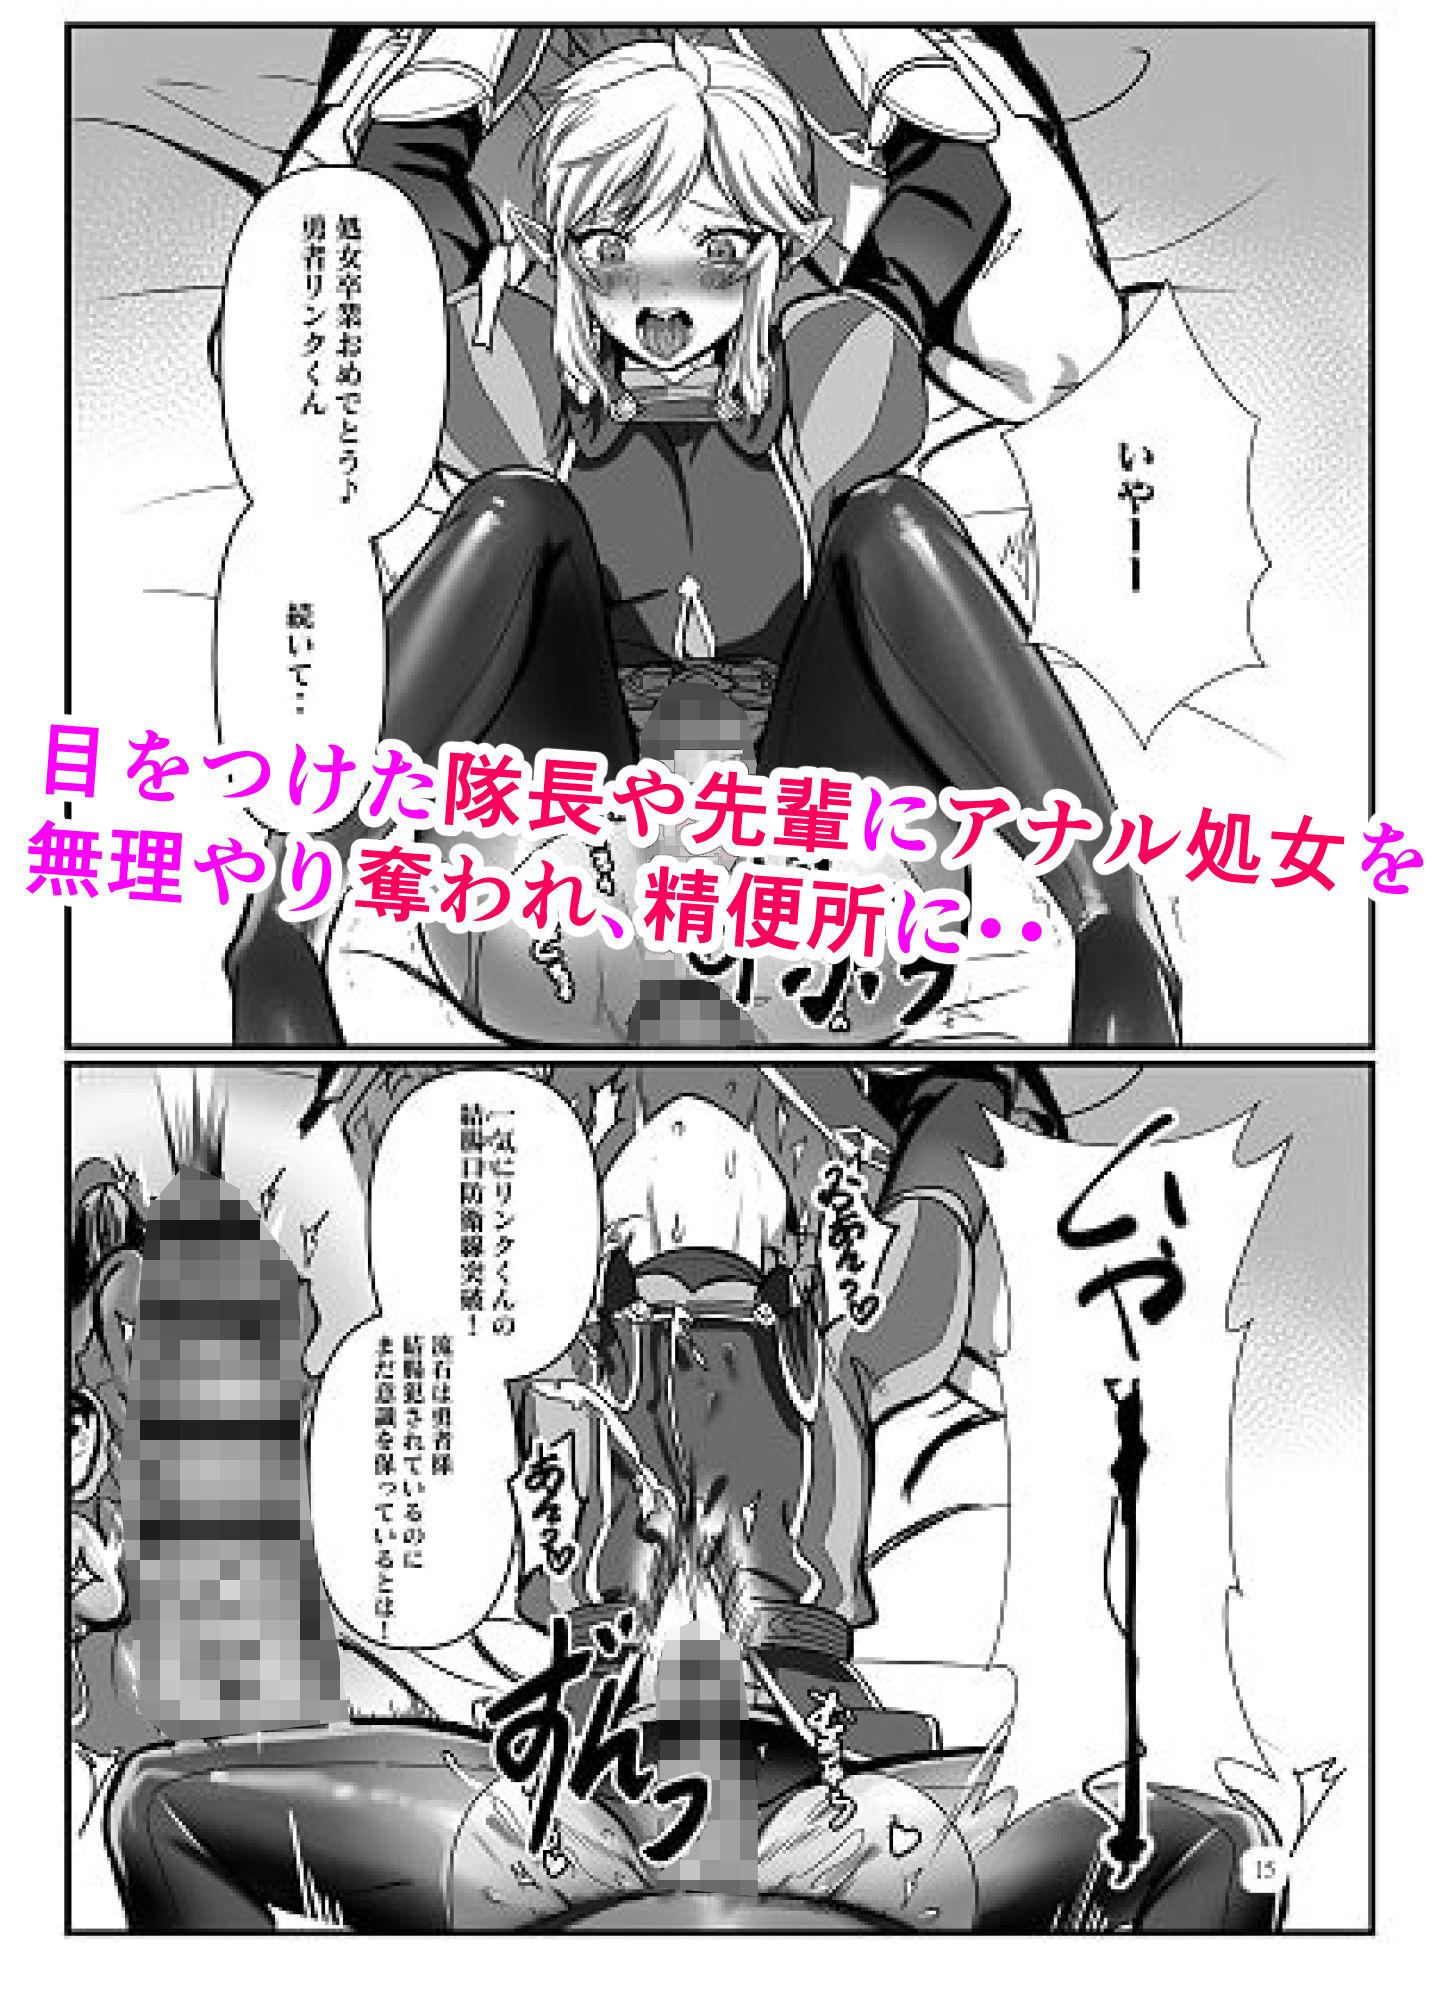 近衛隊の贄勇者ー隊内訓練編ーのサンプル画像2